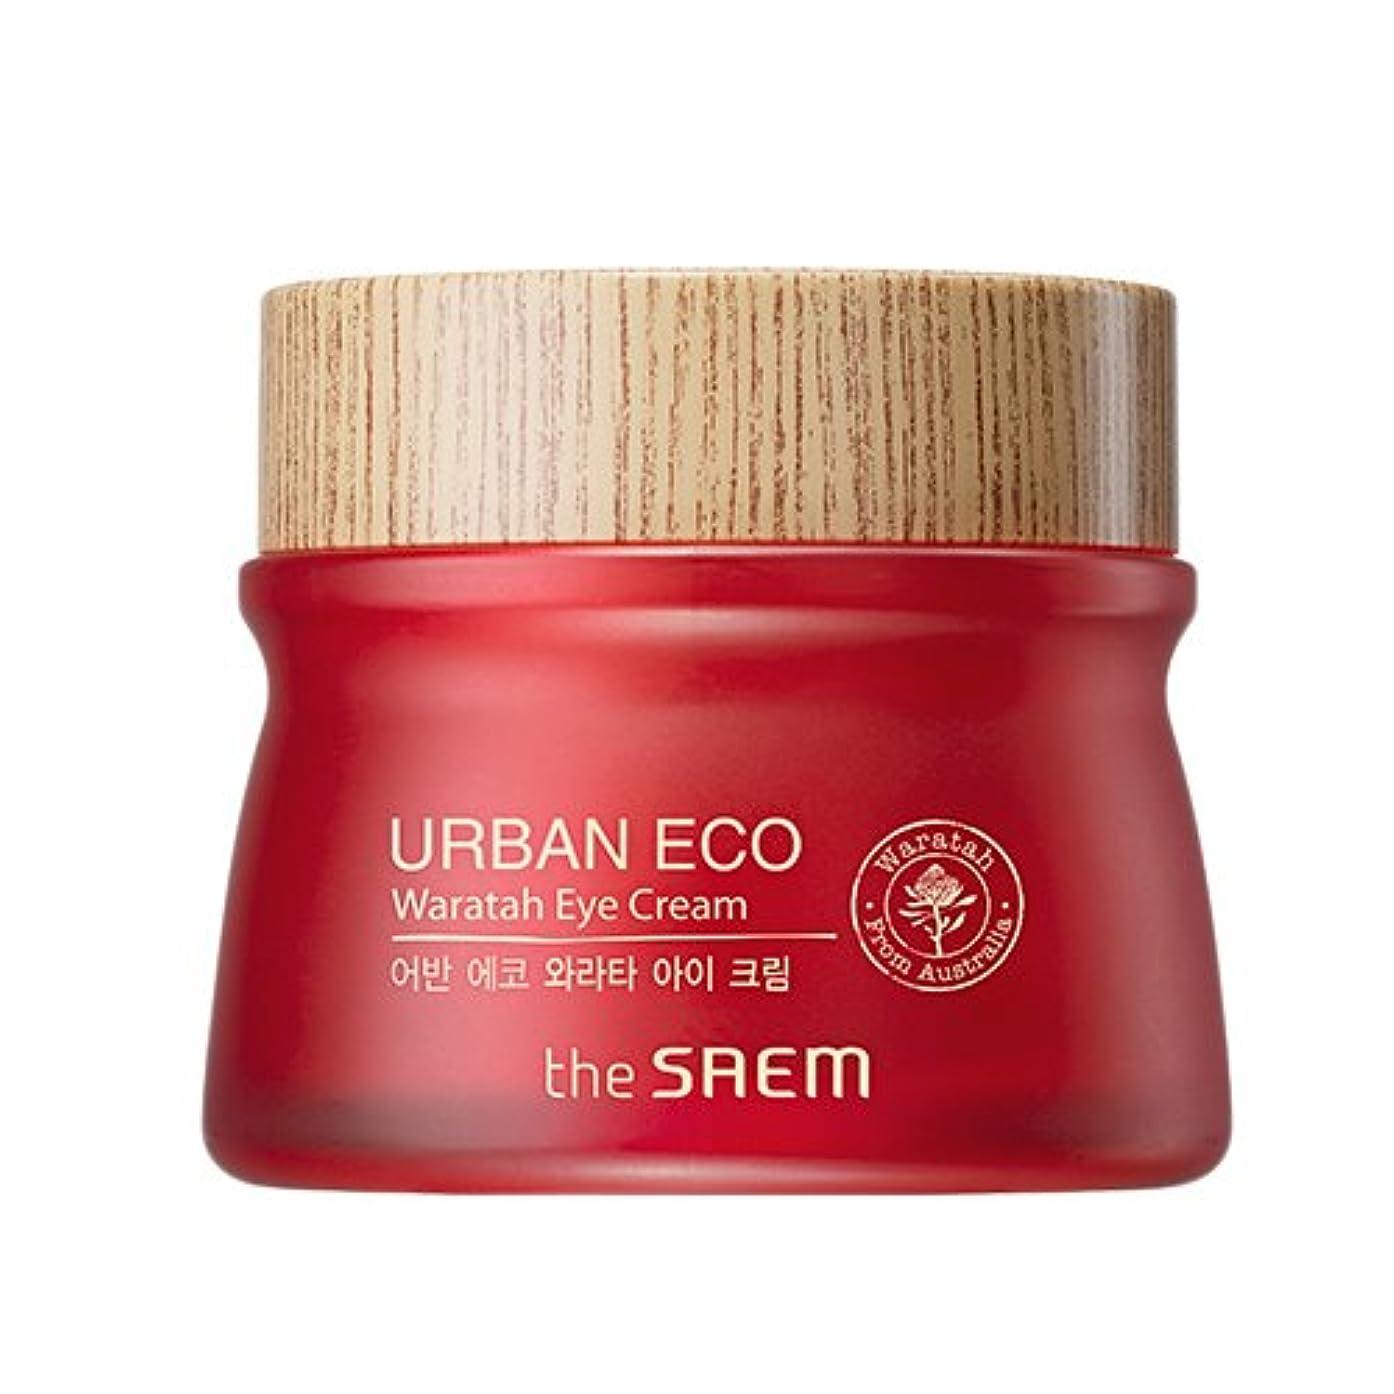 履歴書変動する要塞ドセム アーバンエコワラターアイクリーム 30ml Urban Eco Waratah Eye Cream [並行輸入品]